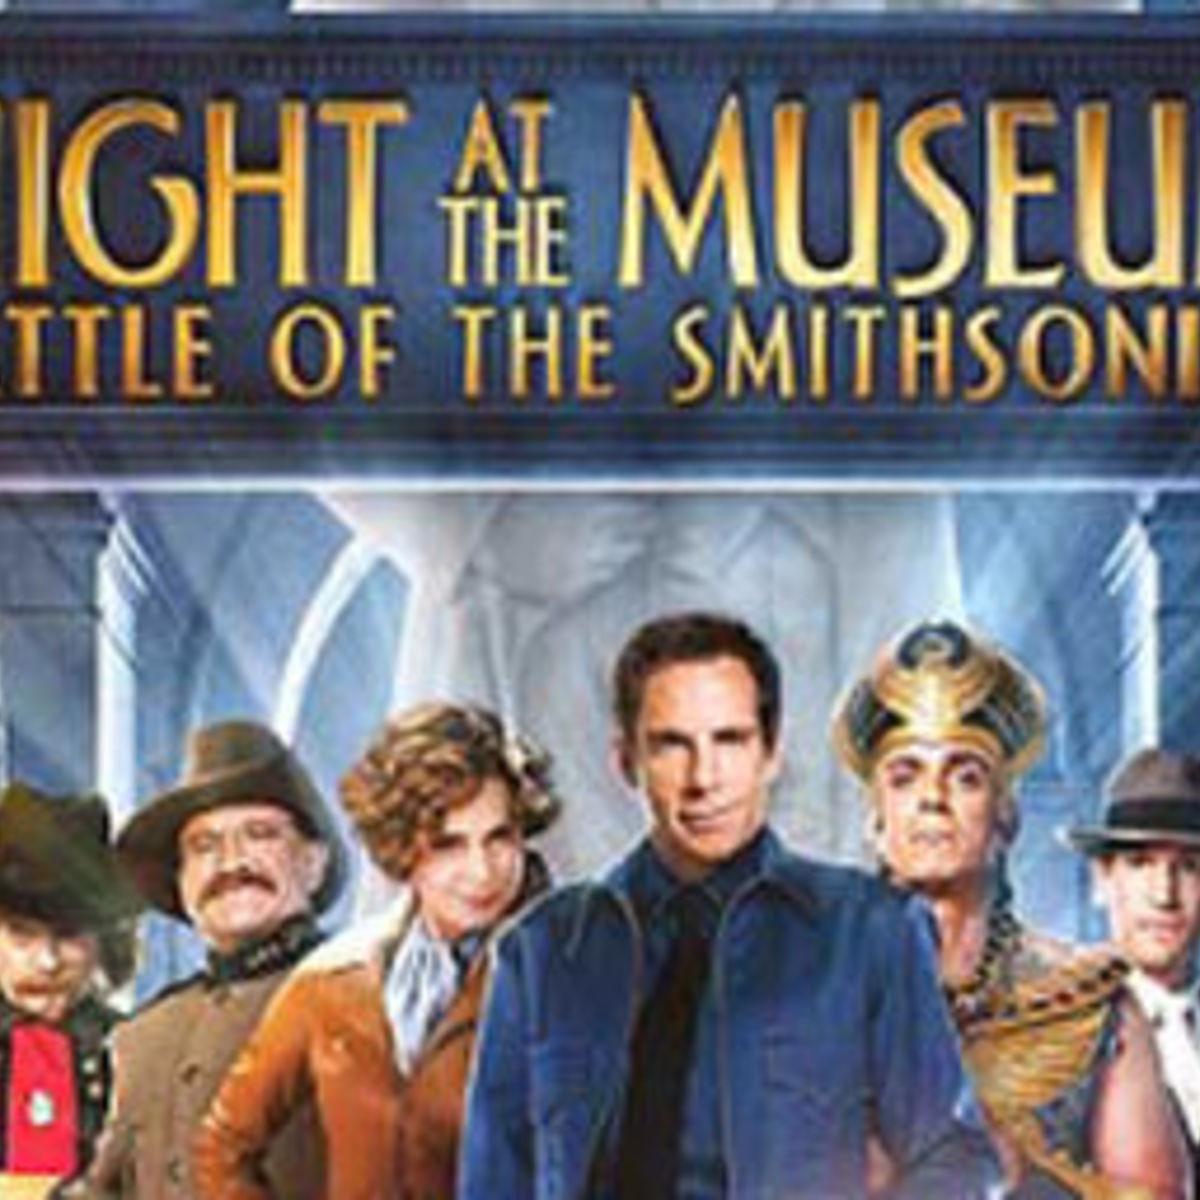 NightAtTheMuseum_poster_thumb_1.jpg